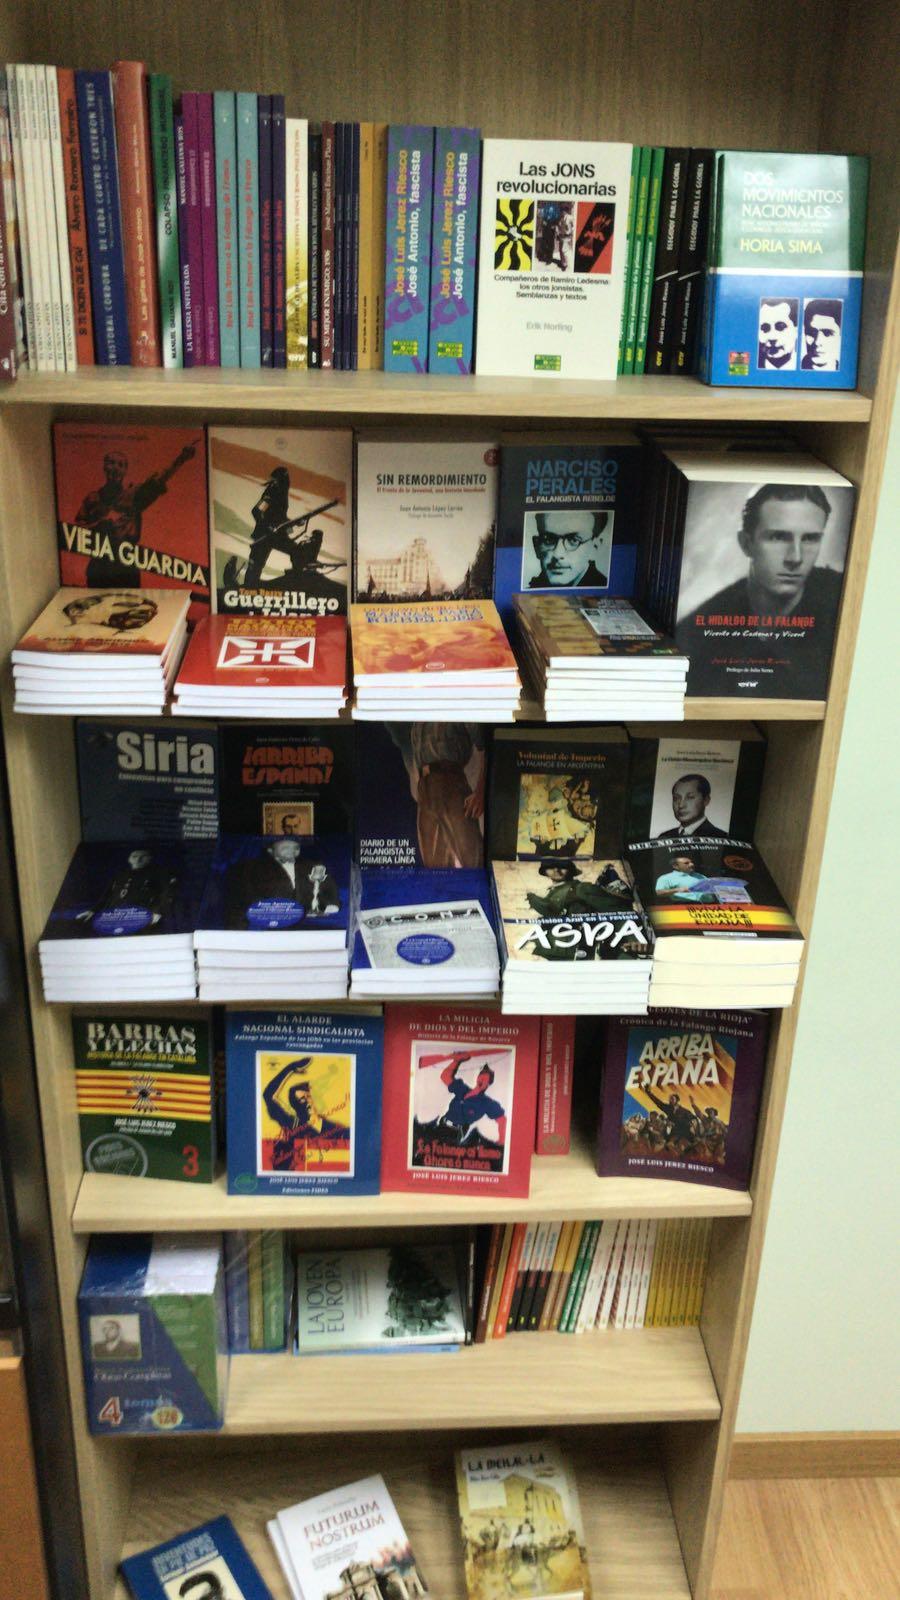 23 de Abril: Celebra el día del libro regalando cultura